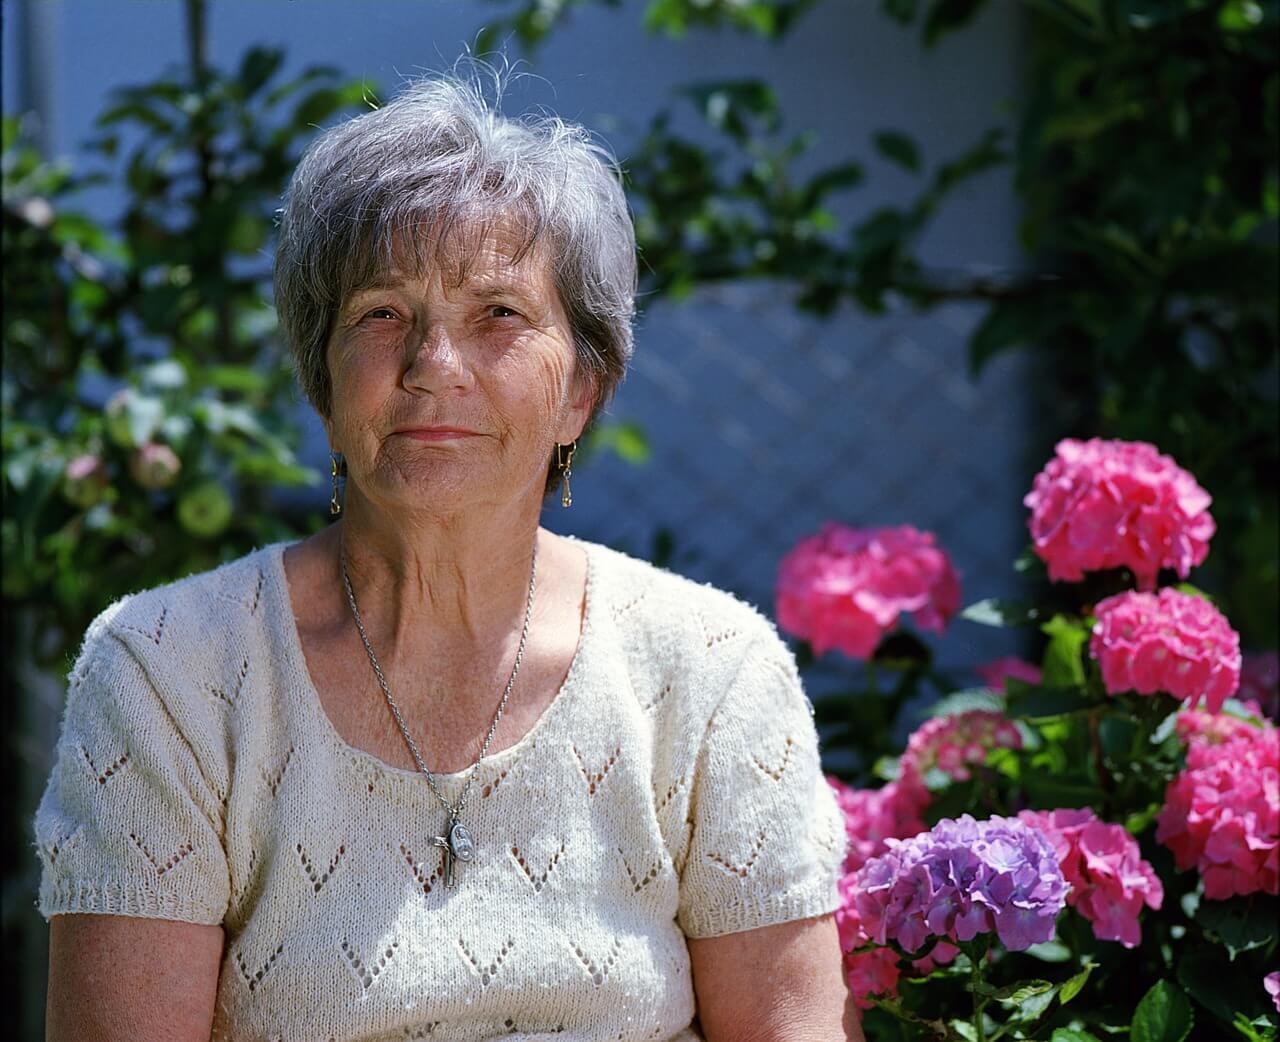 שלפוחית שתן רגיזה עלולה לגרום לעול משמעותי בקרב מבוגרים ללא קשר לגיל